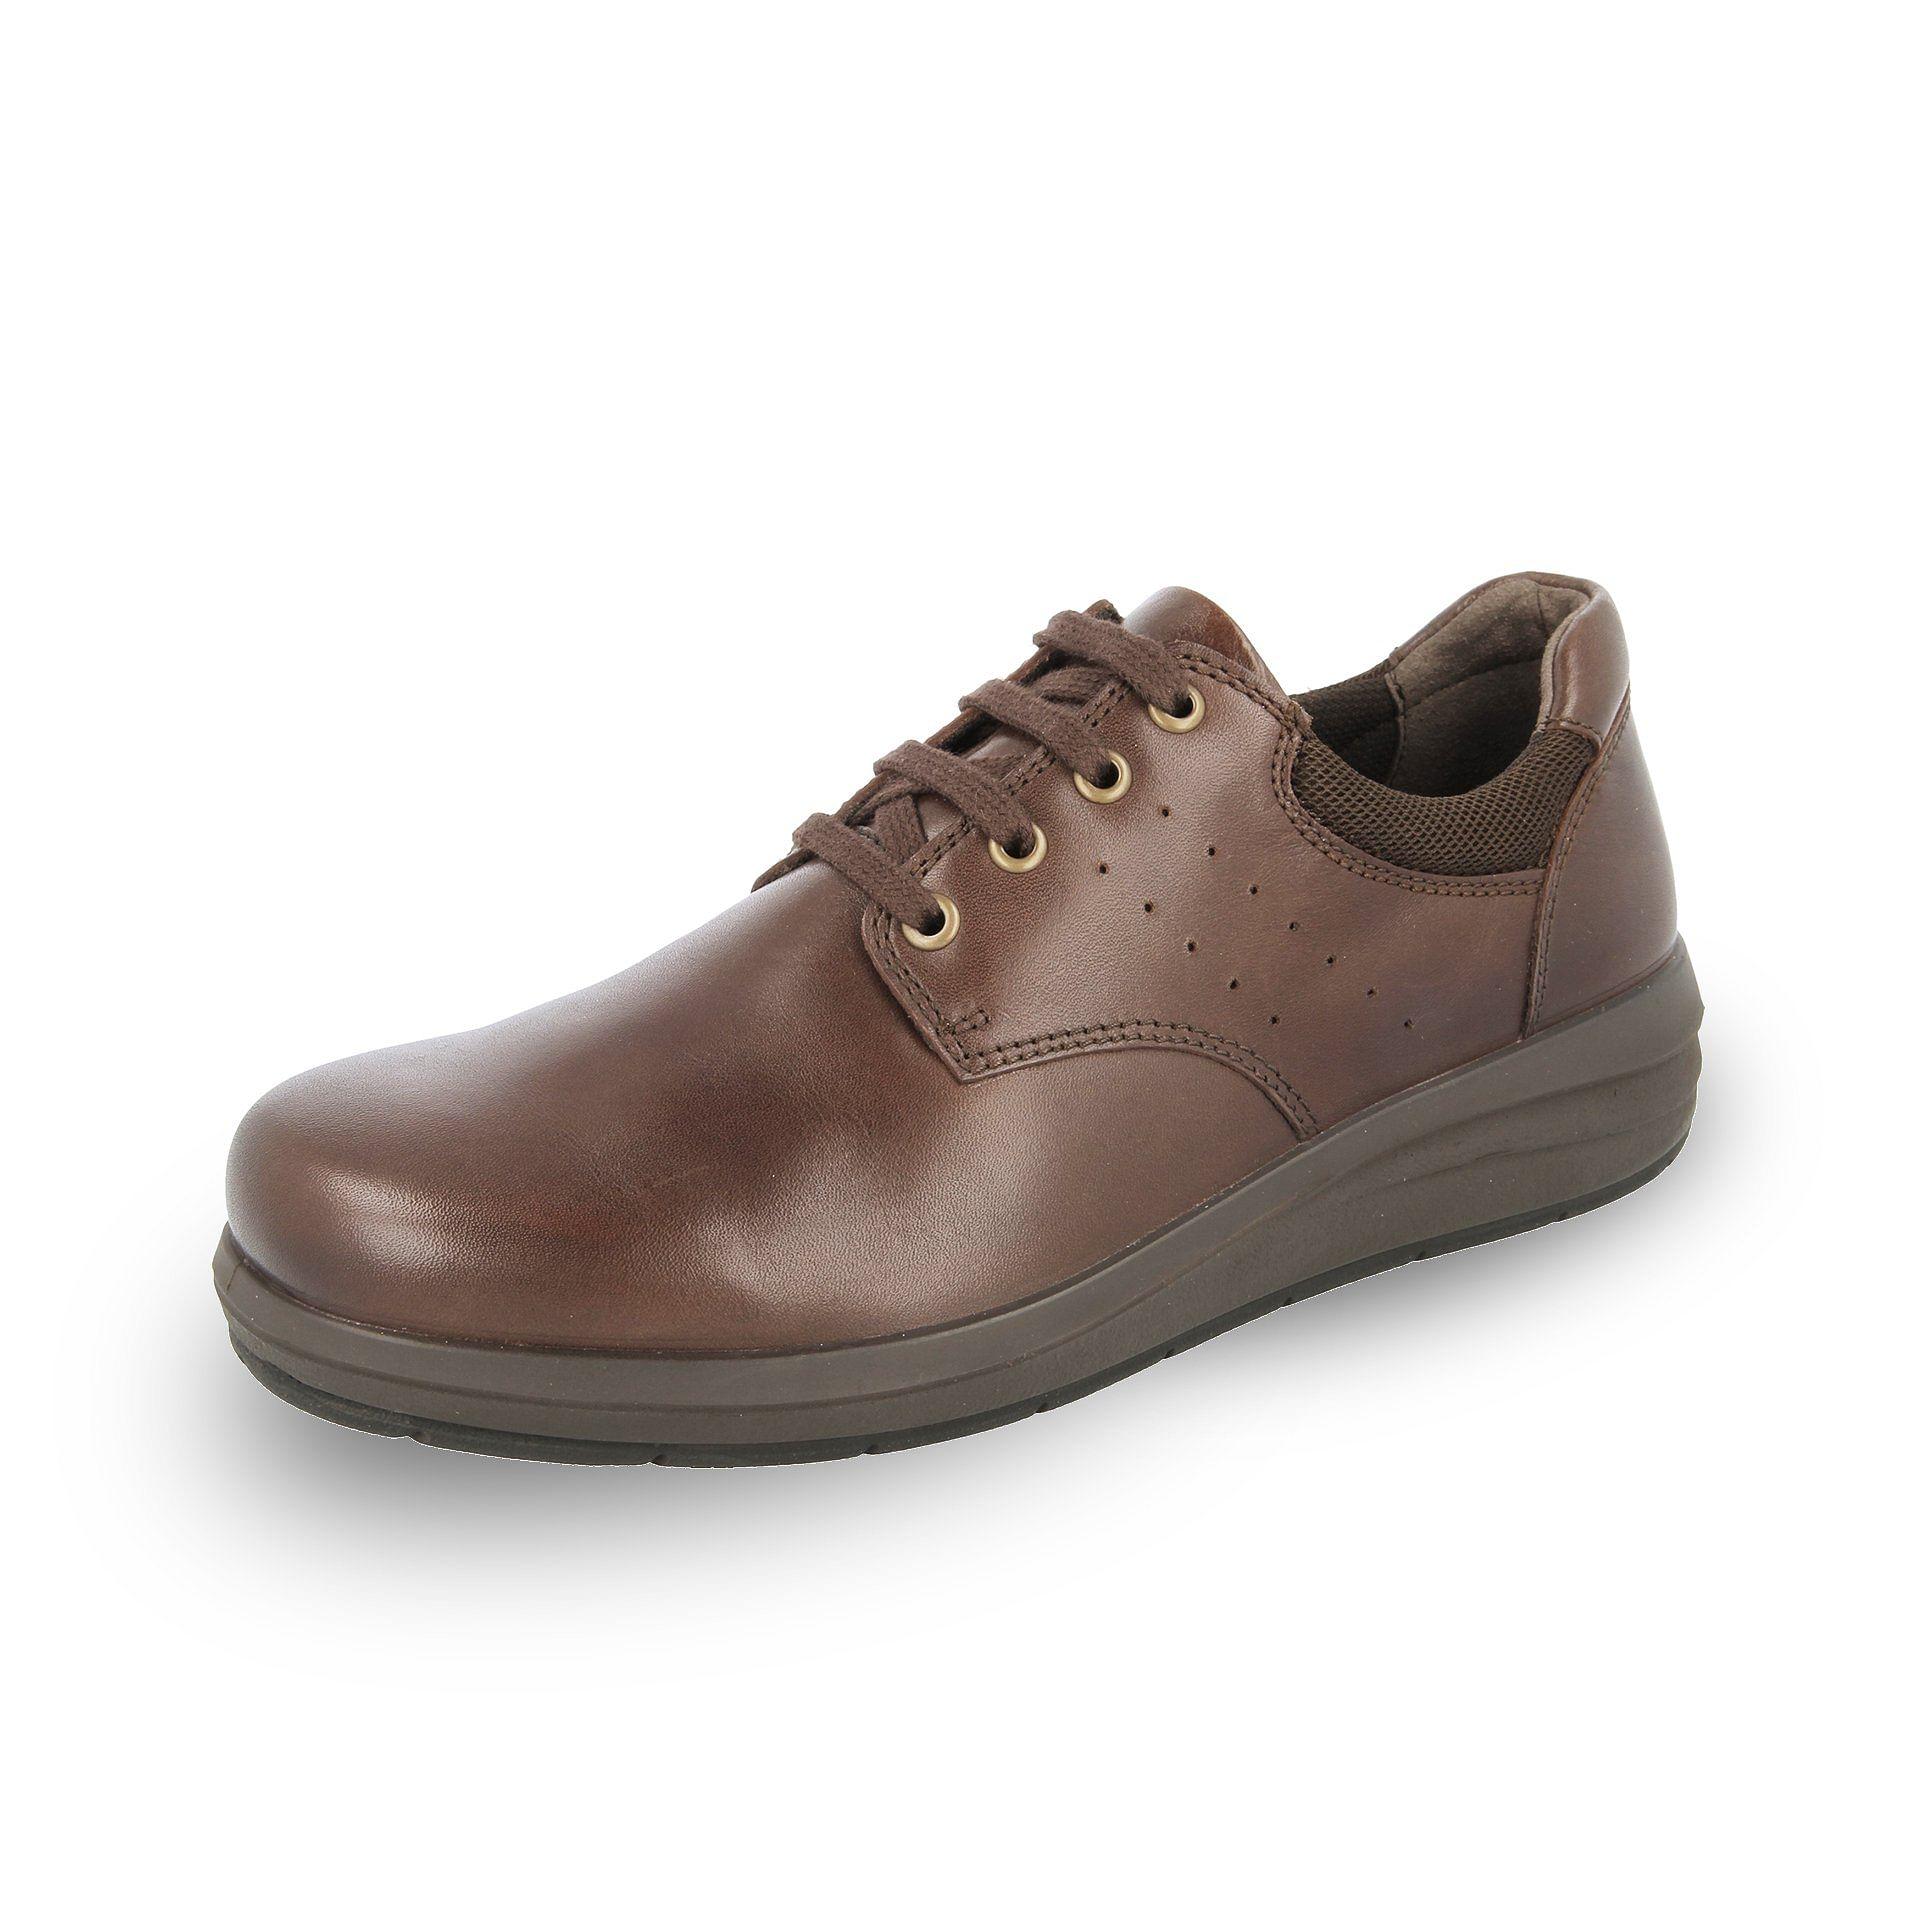 Footkaki | Comfort Shoes, Insoles